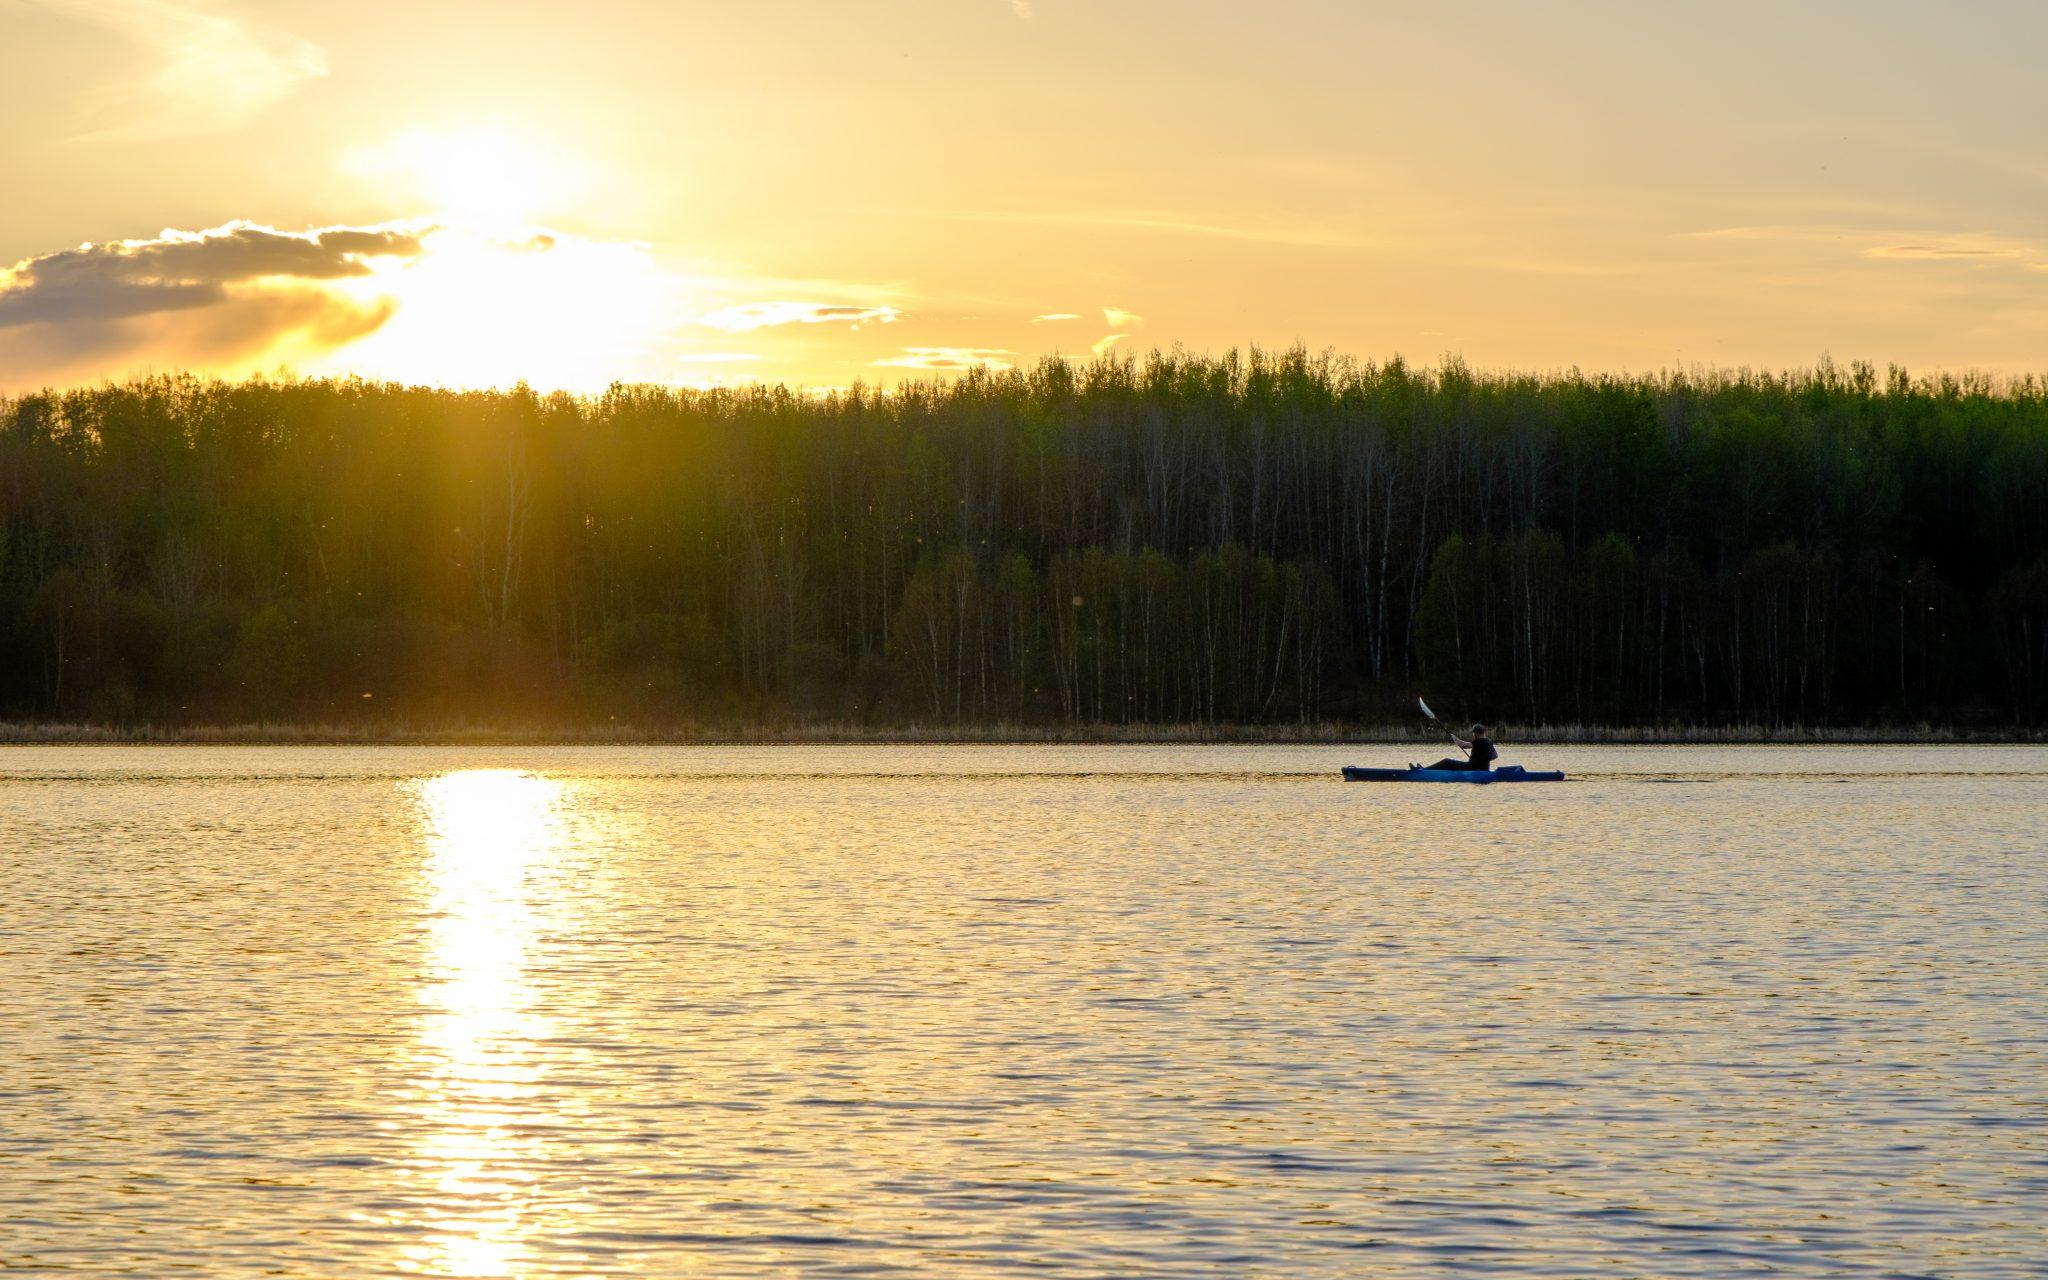 kayak fishing silhouette